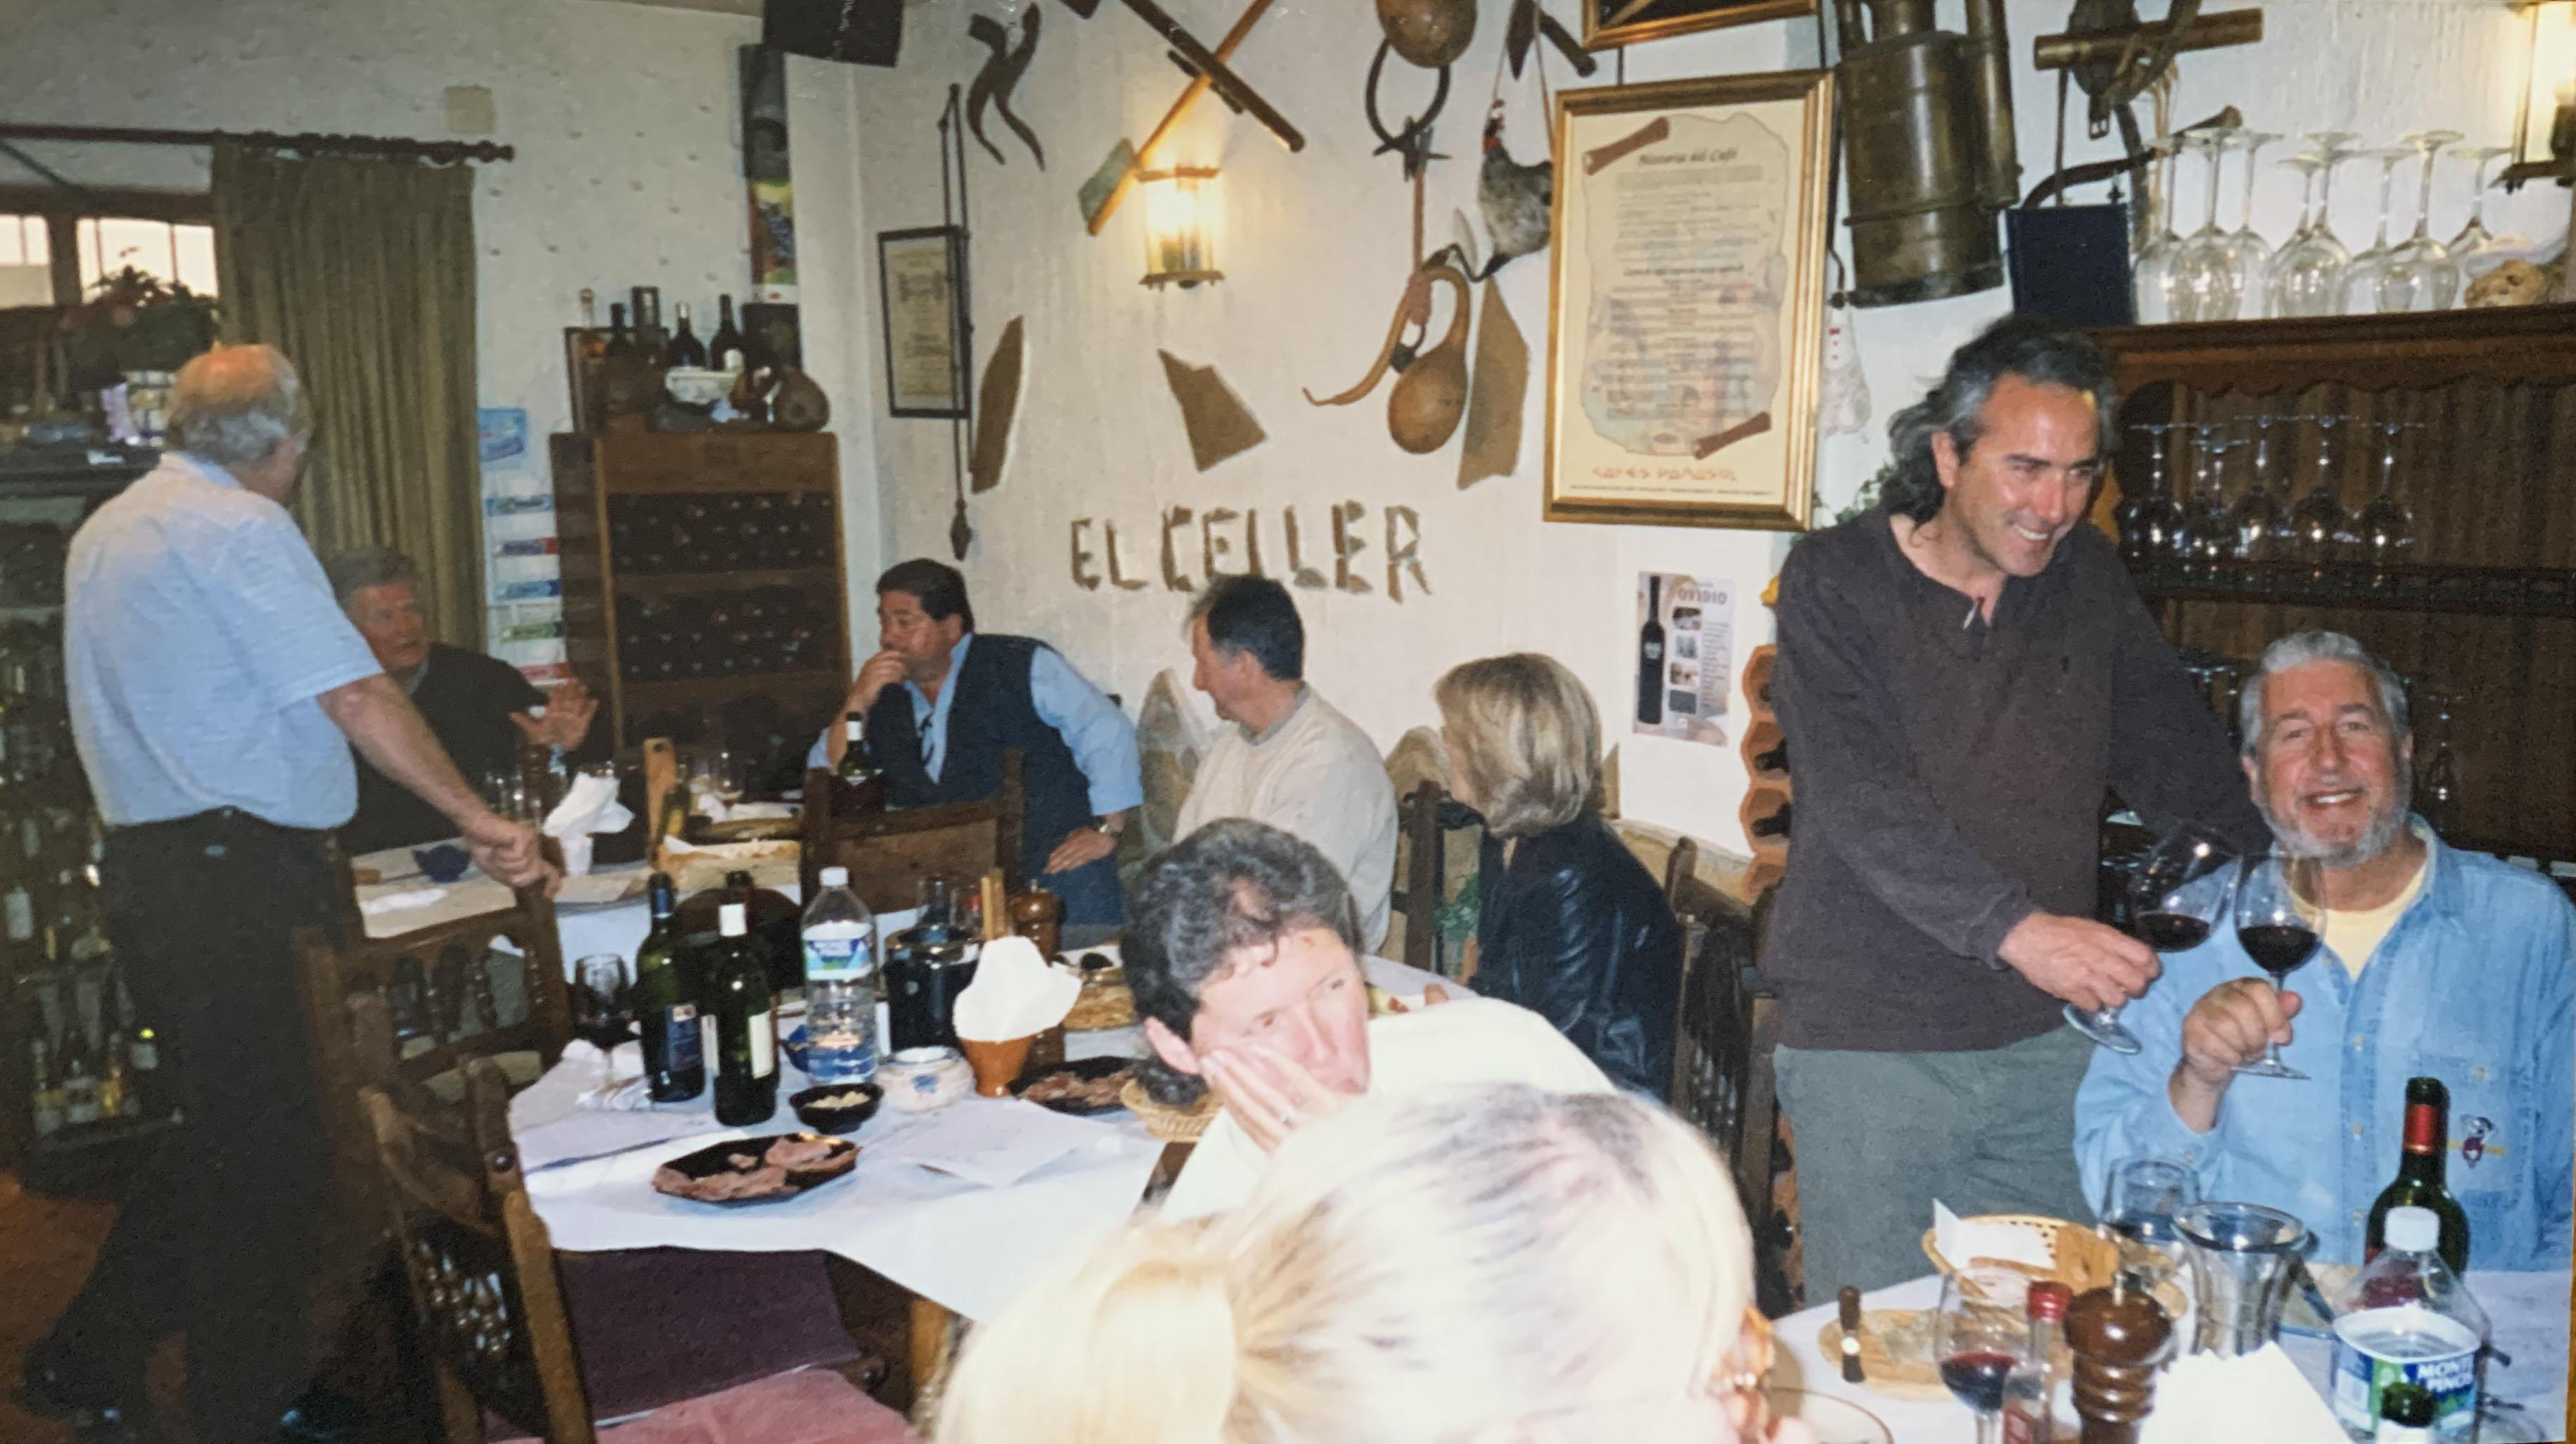 Cata de vino en La Parrilla del Celler